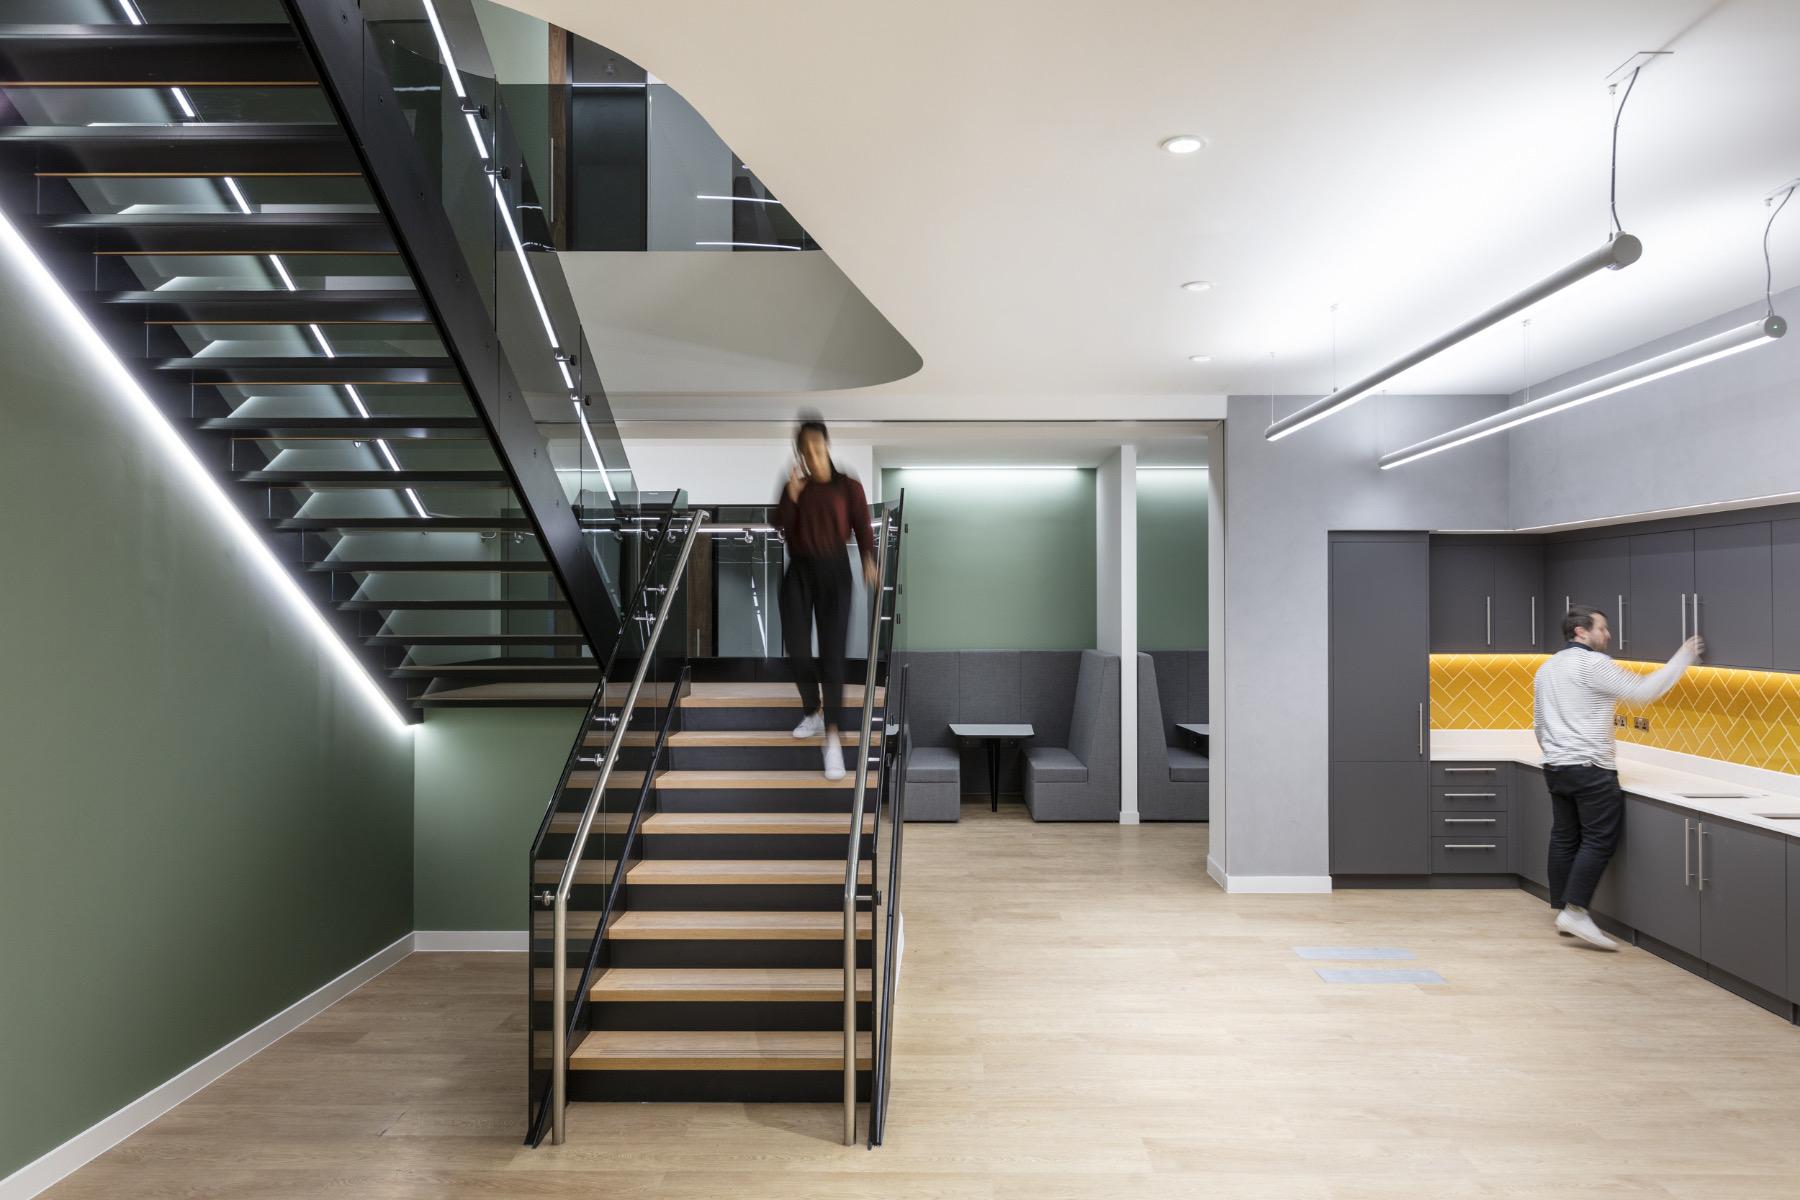 ais-office-london-3